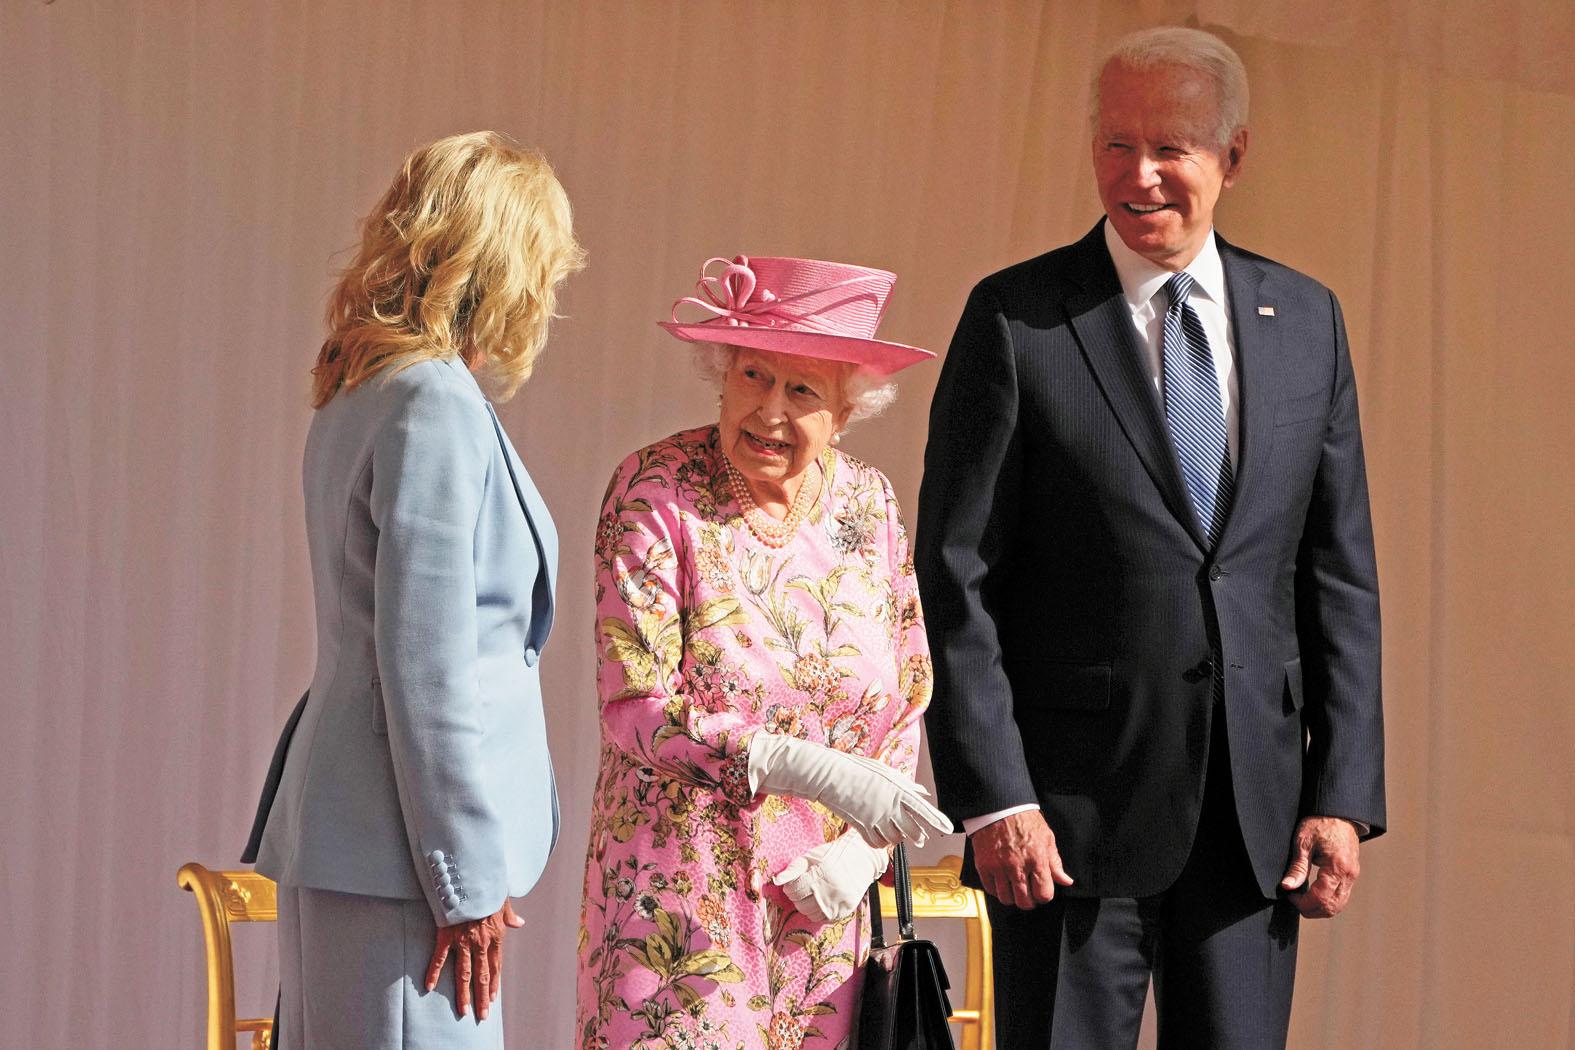 G7集團峰會結束後,拜登夫婦去見了英國女王。美聯社